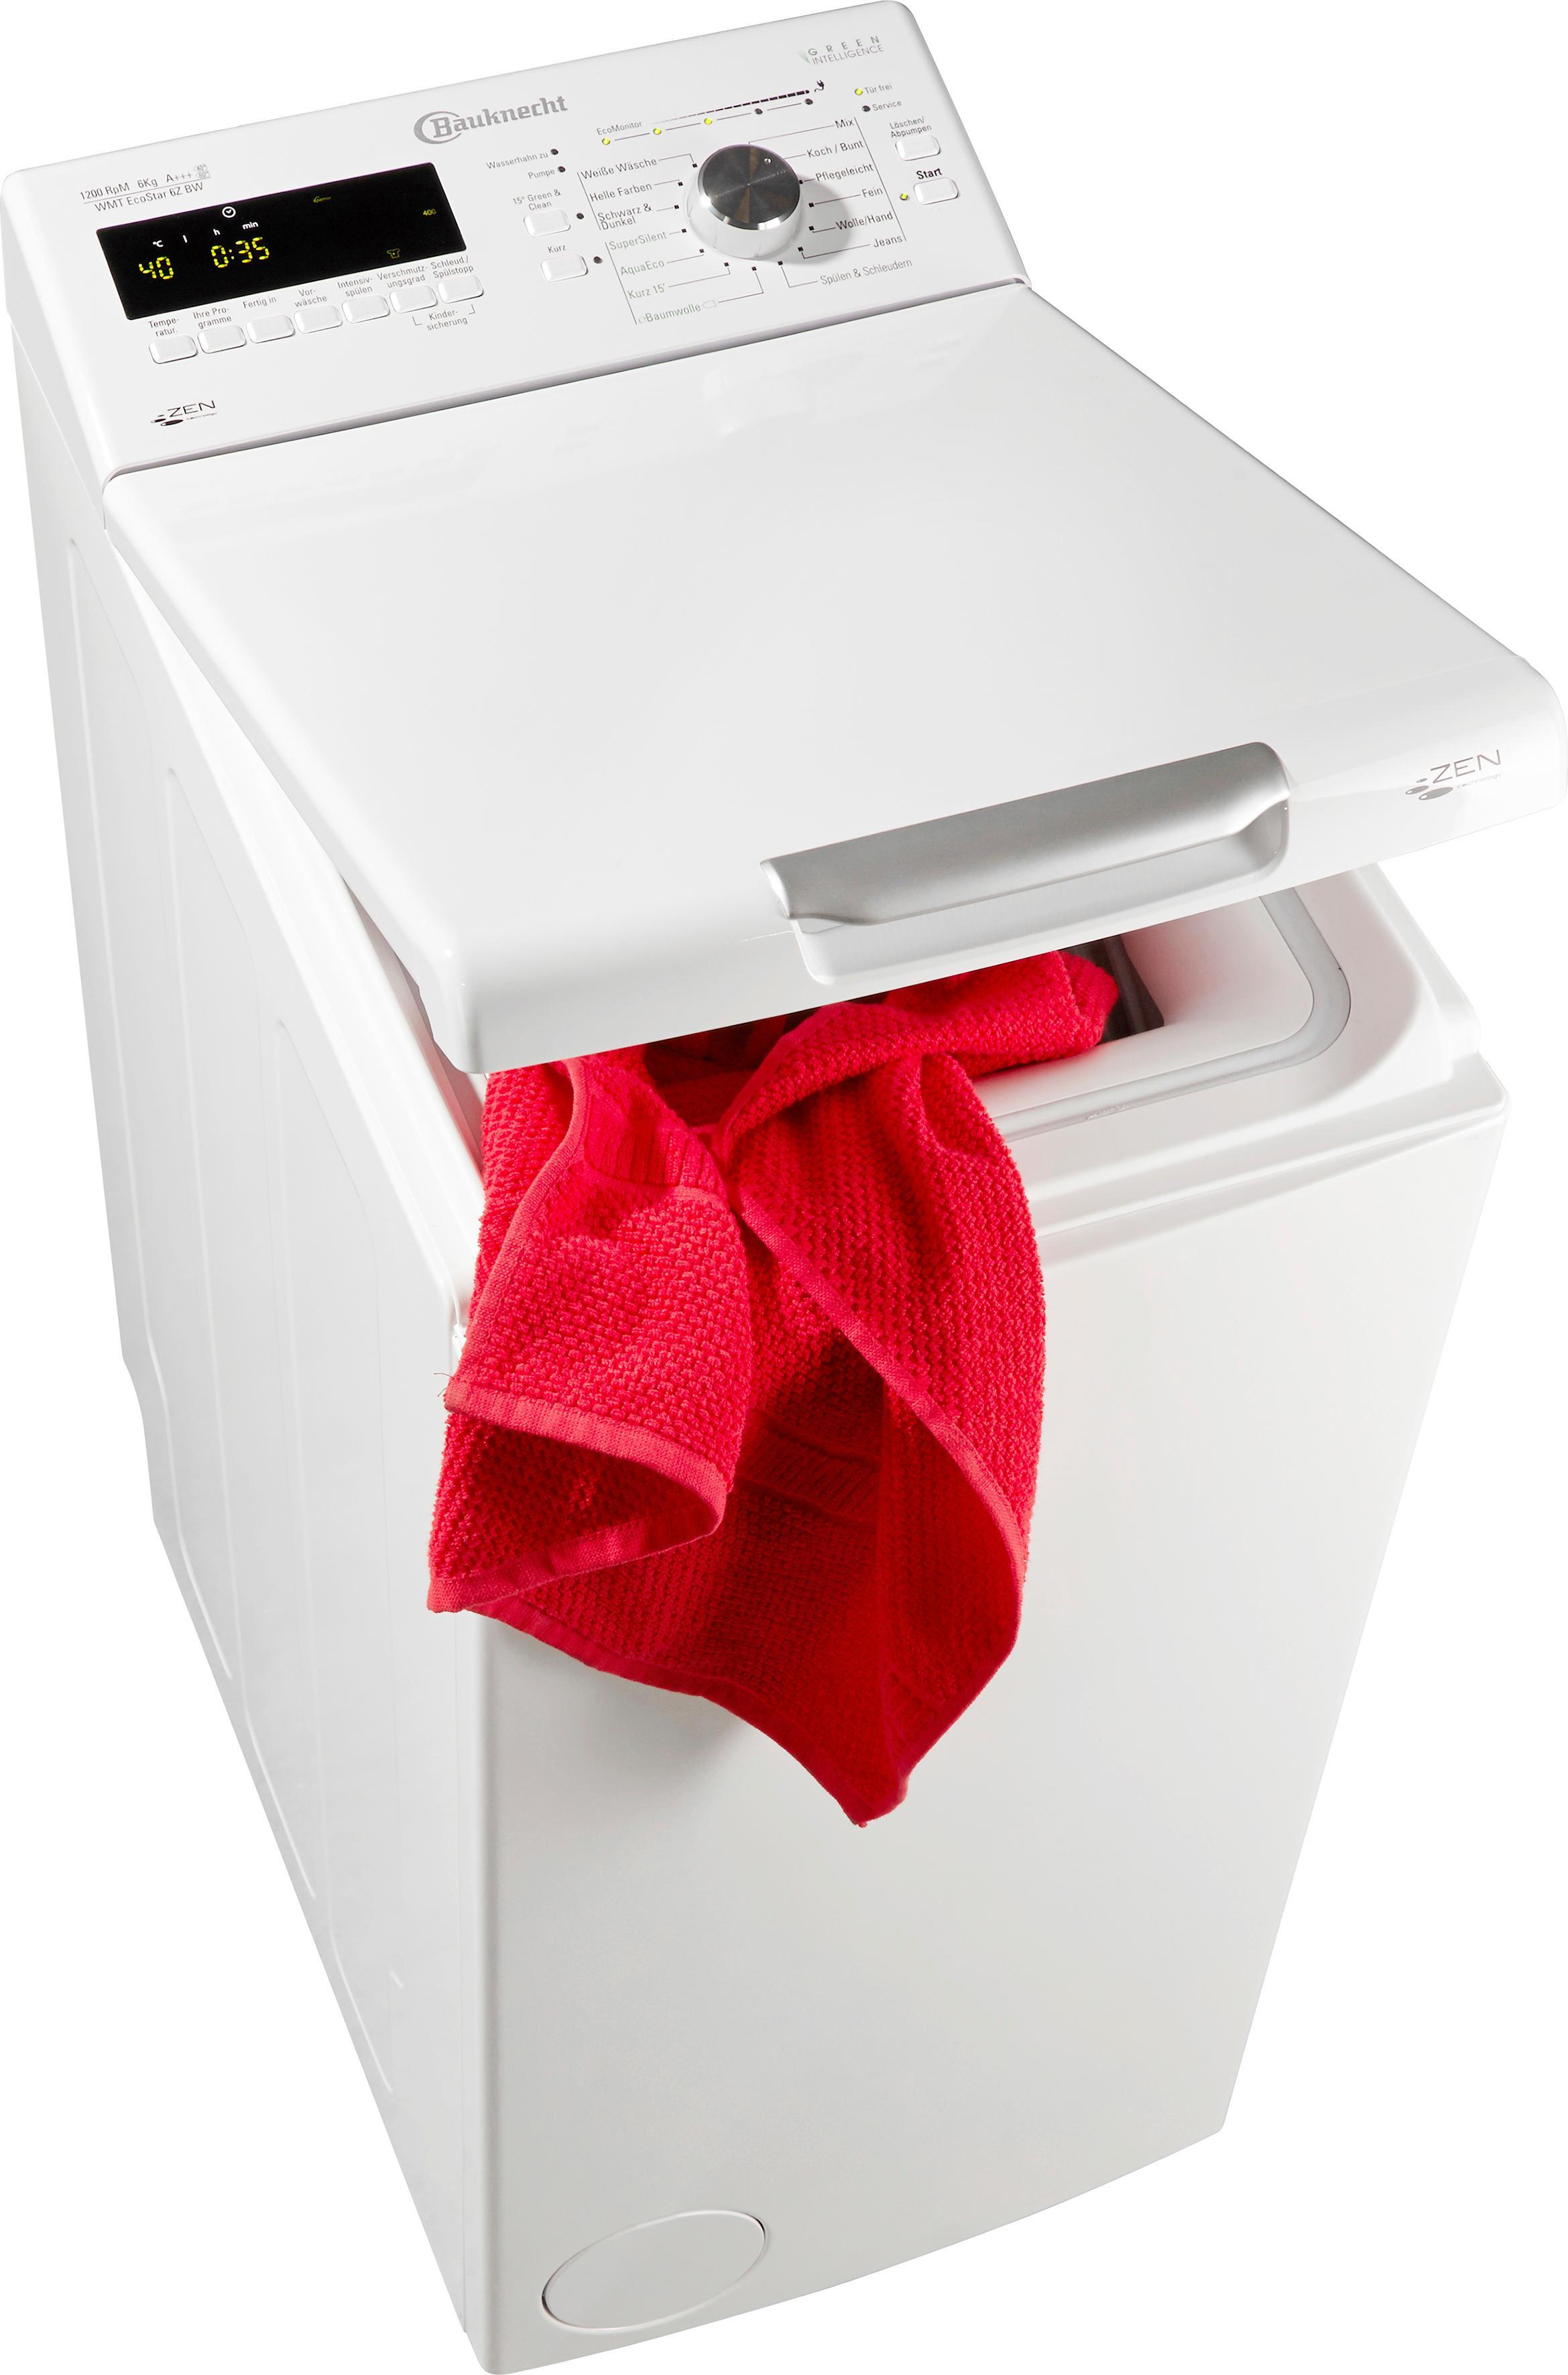 BAUKNECHT Waschmaschine Toplader WMT EcoStar 6Z BW | Bad > Waschmaschinen und Trockner > Toplader | Bauknecht